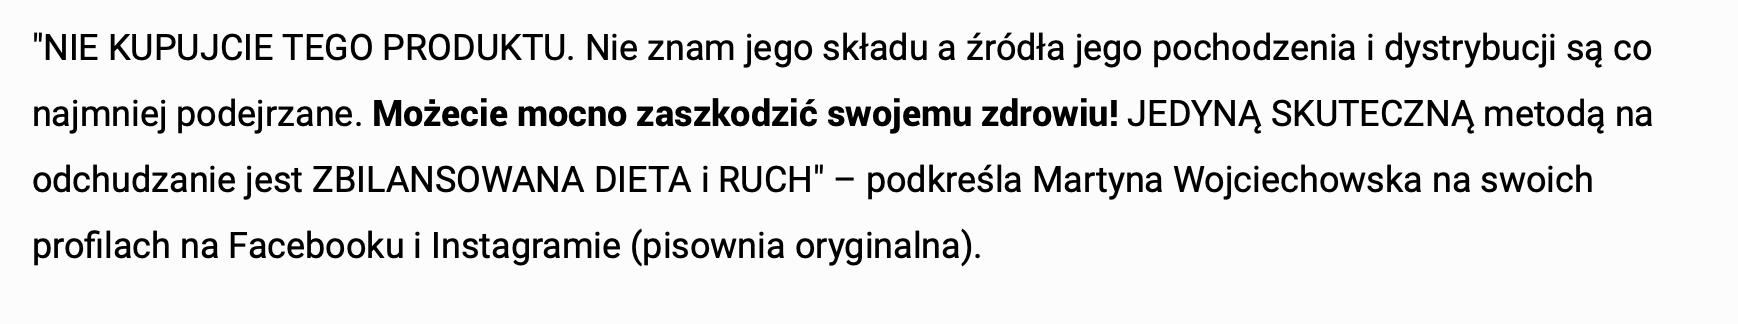 Choco Lite - Wypowiedź Martyny Wojciechowskiej